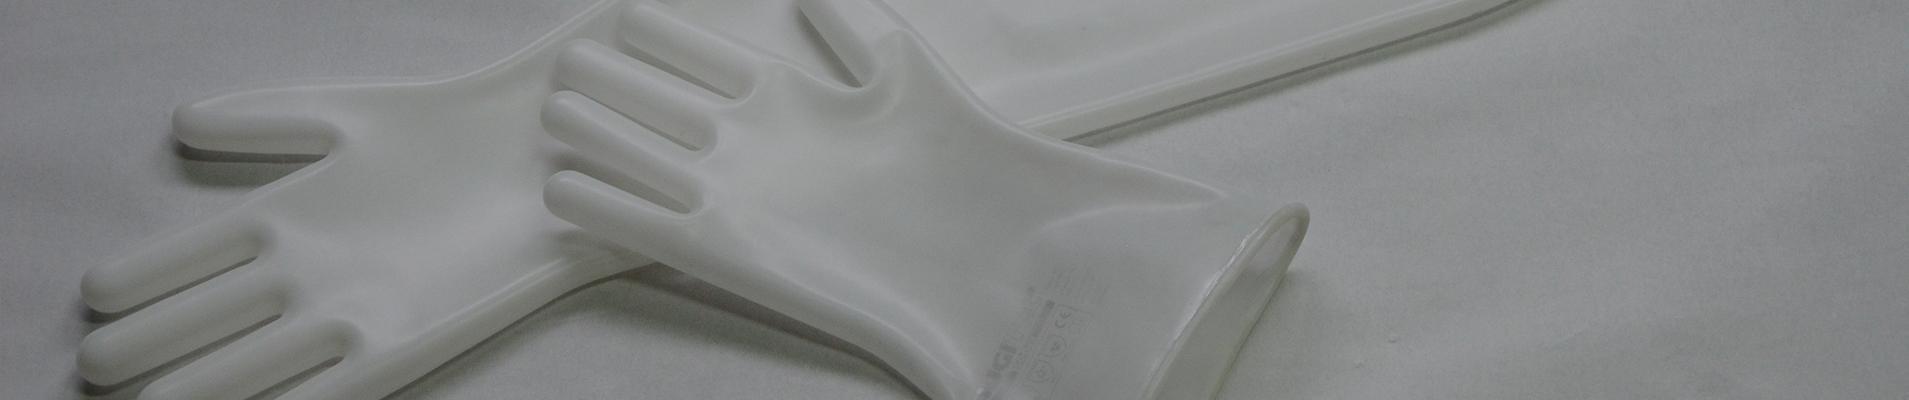 slider_handschuhe